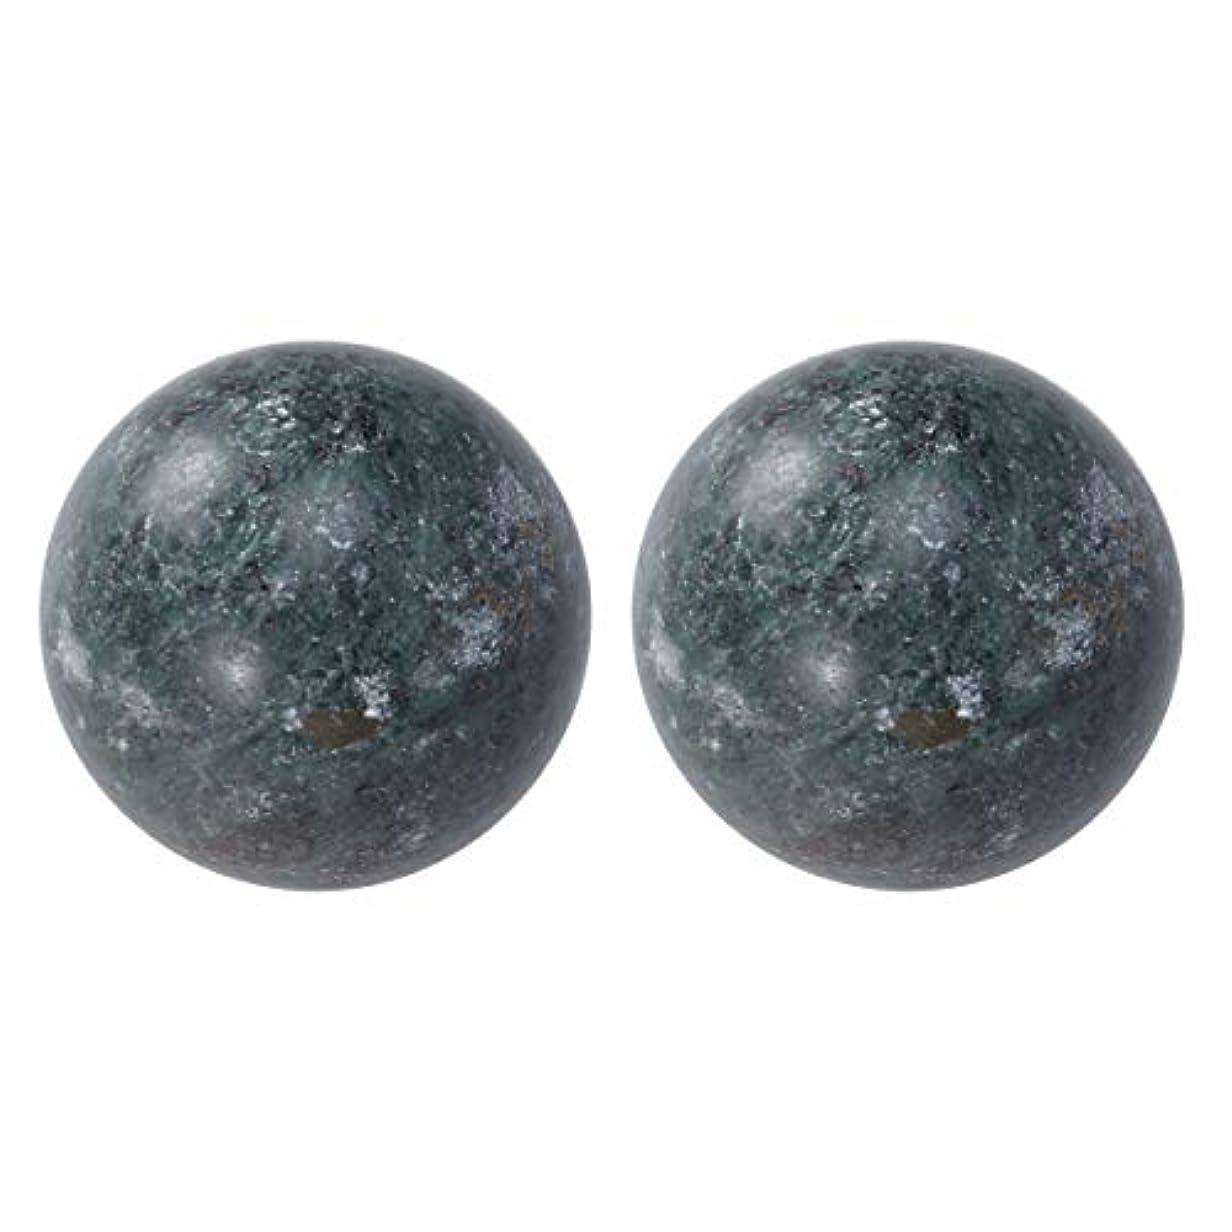 真珠のような効率的にめ言葉Healifty 中国 マッサージボール ボールを鍛える運動マッサージボール ハンドエクササイズセラピーボール 2個入